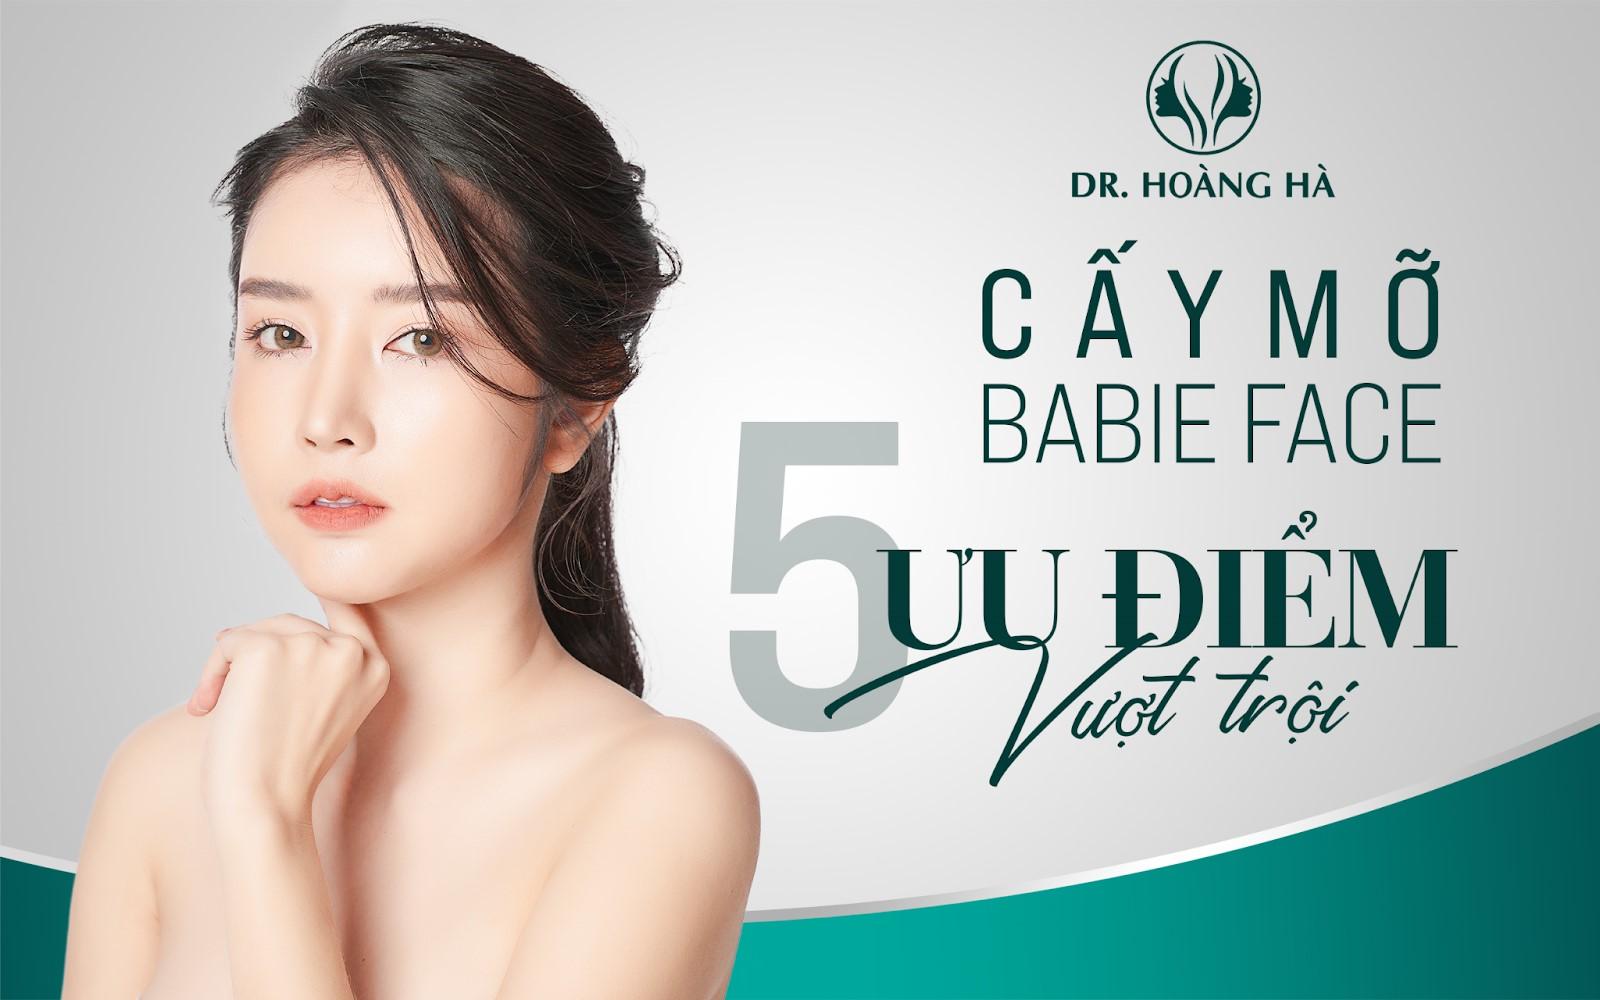 Dịch vụ cấy mỡ mặt tại Dr Hoàng Hà có nhiều ưu điểm